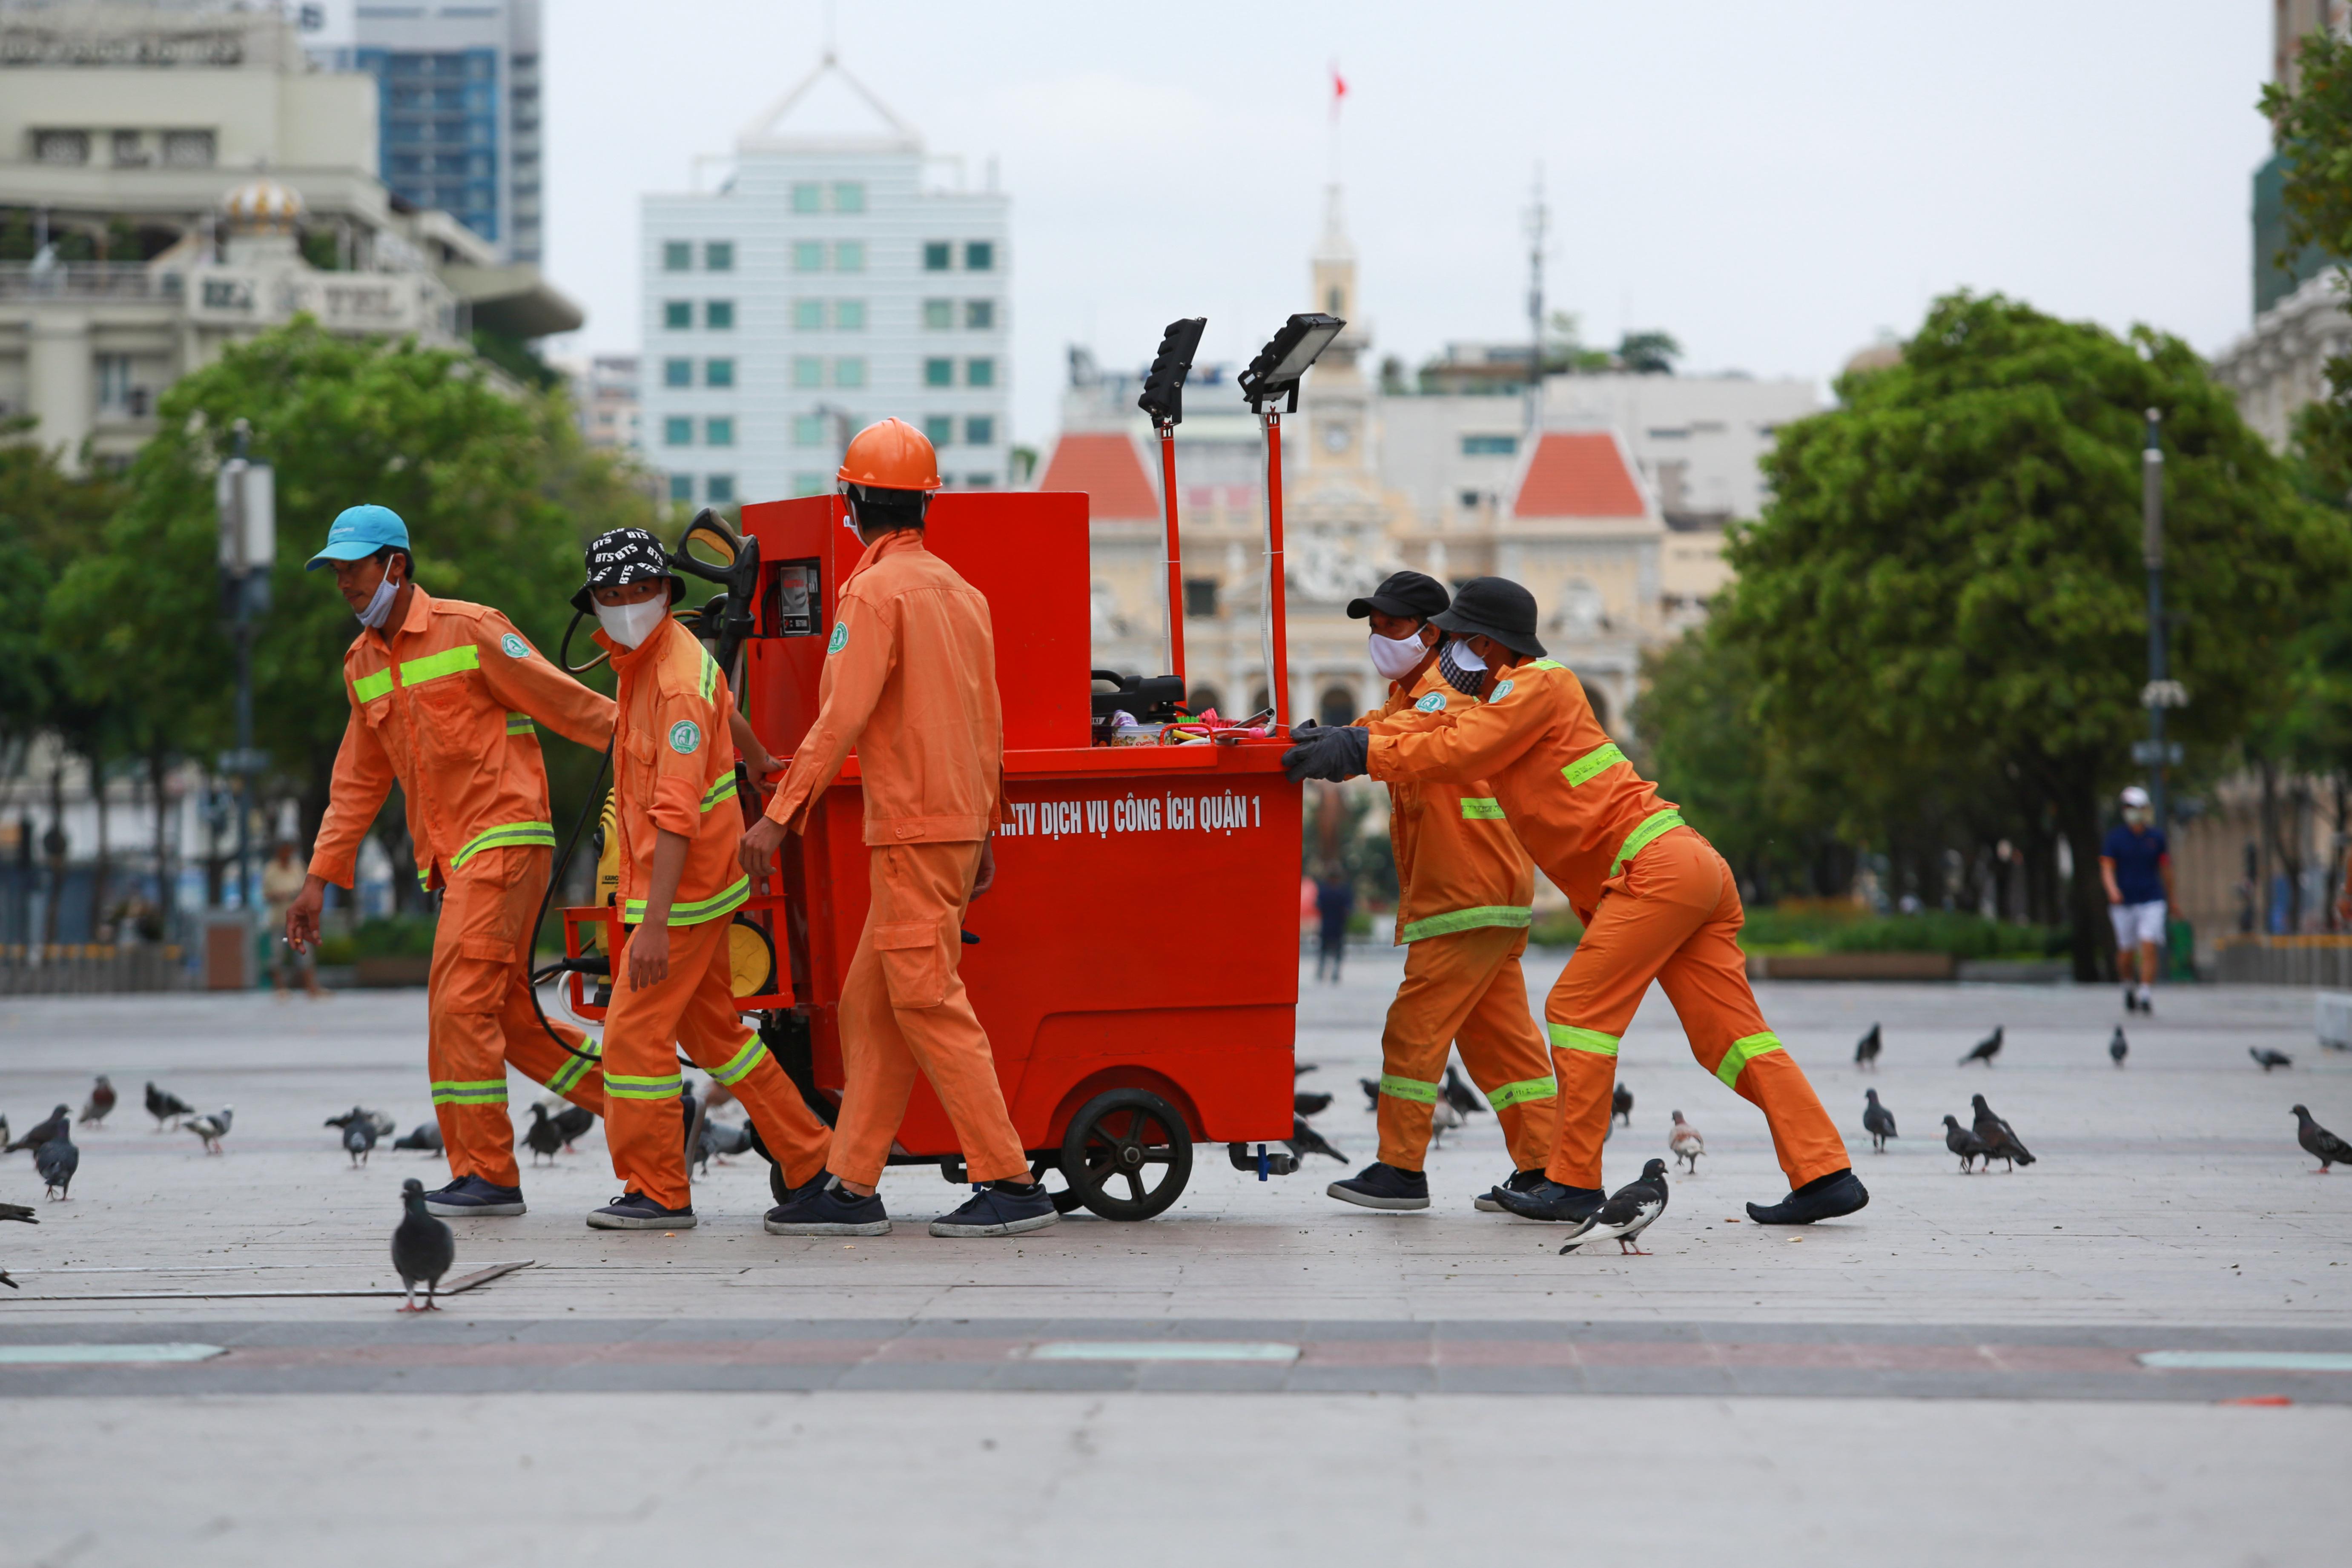 Ngắm Sài Gòn đẹp và yên bình trước thời điểm cách ly toàn xã hội trong 15 ngày - Ảnh 2.